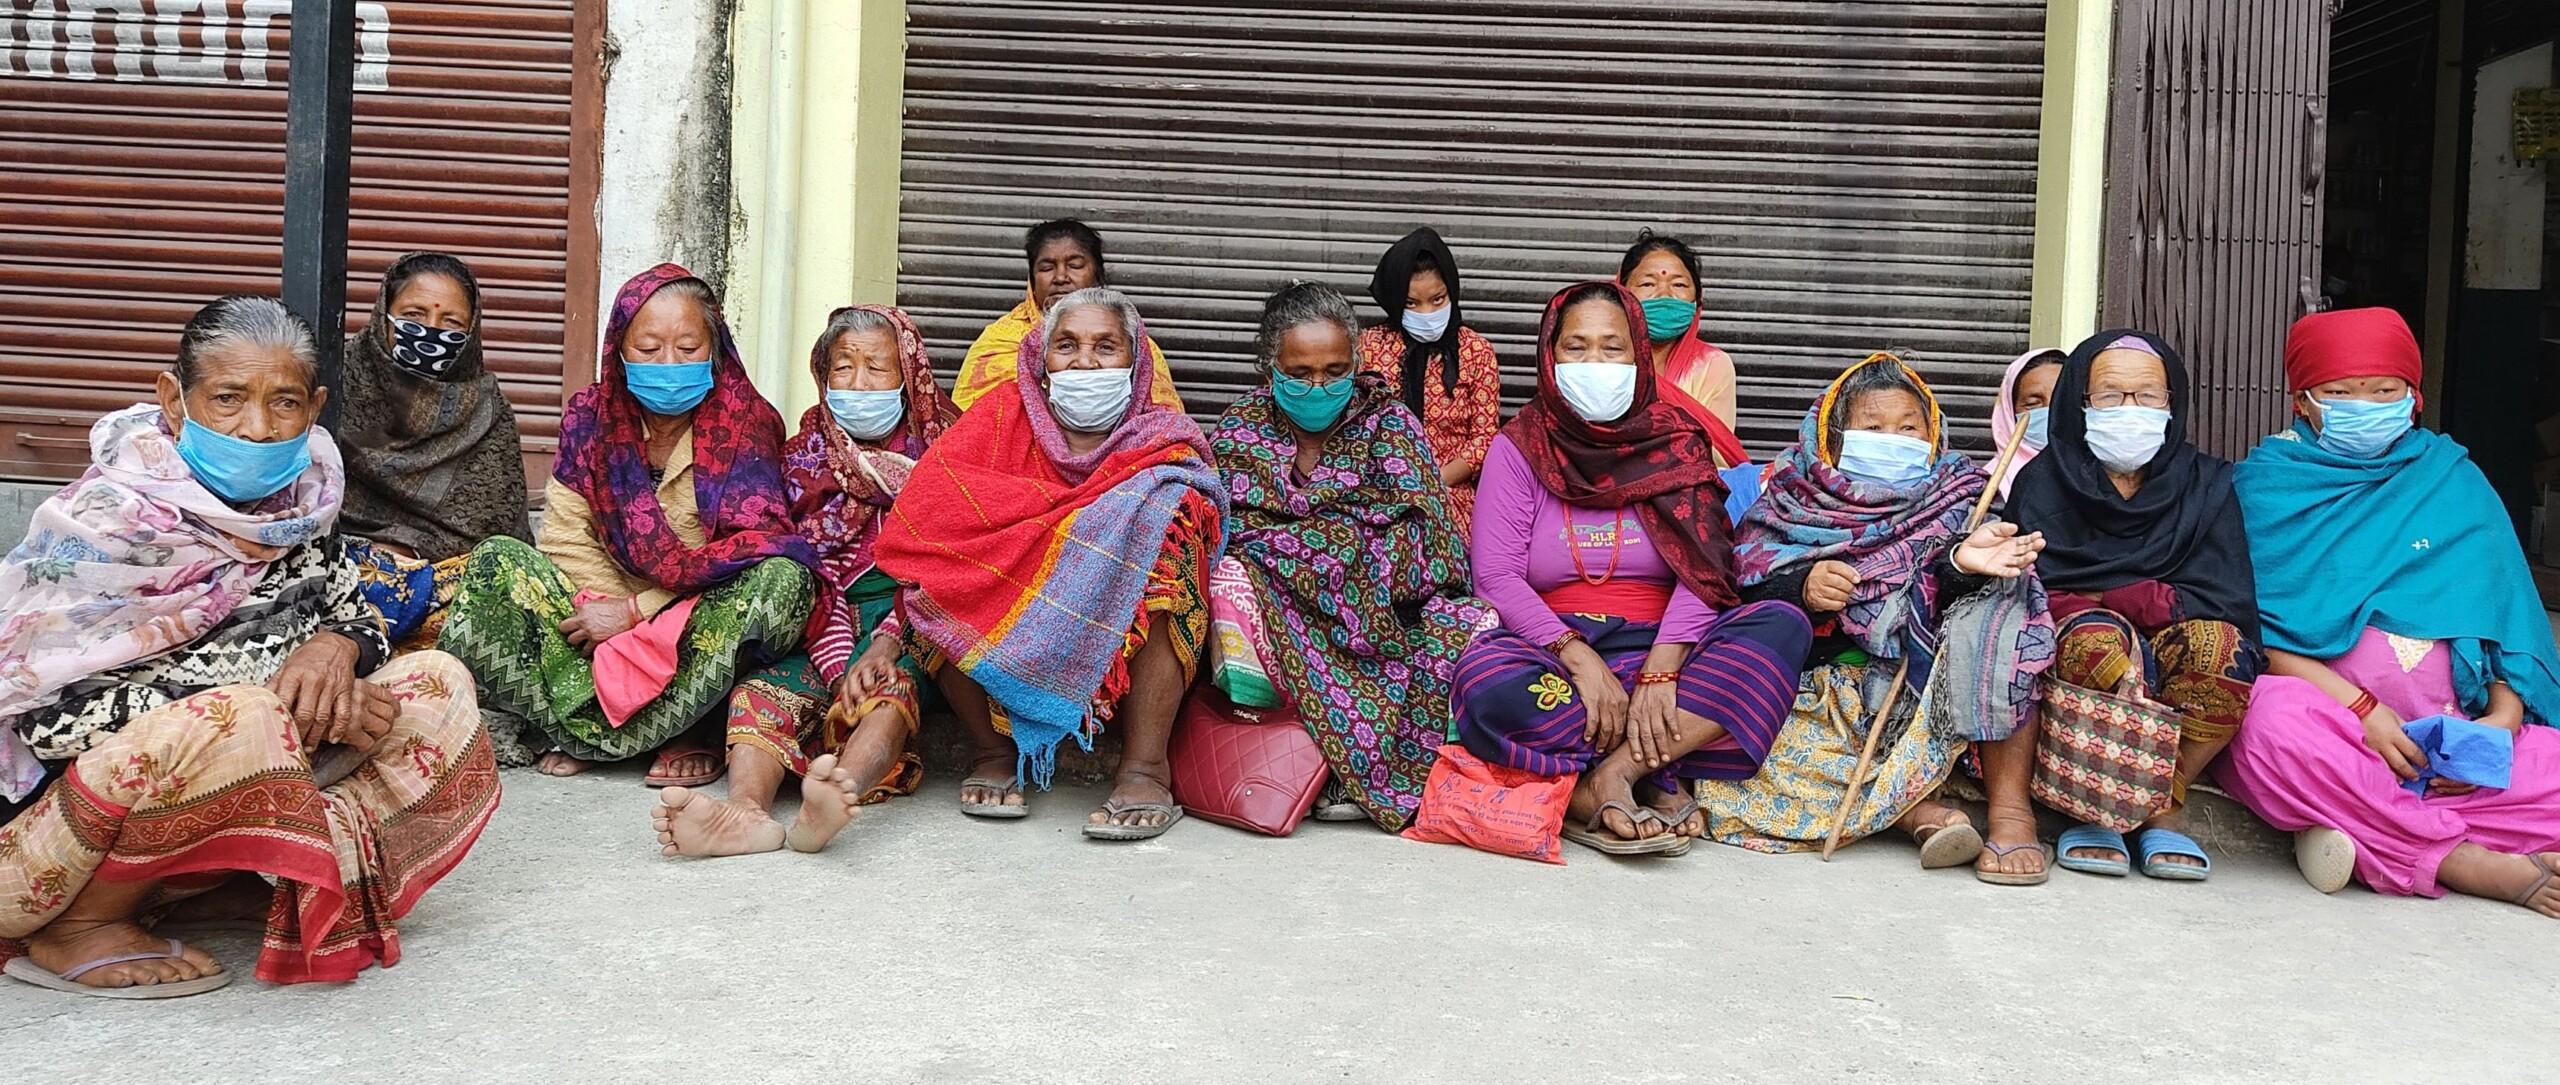 भत्ता बुझ्न  बिहानैदेखि बैङ्कको ढोका कुर्दै ज्येष्ठ नागरिक